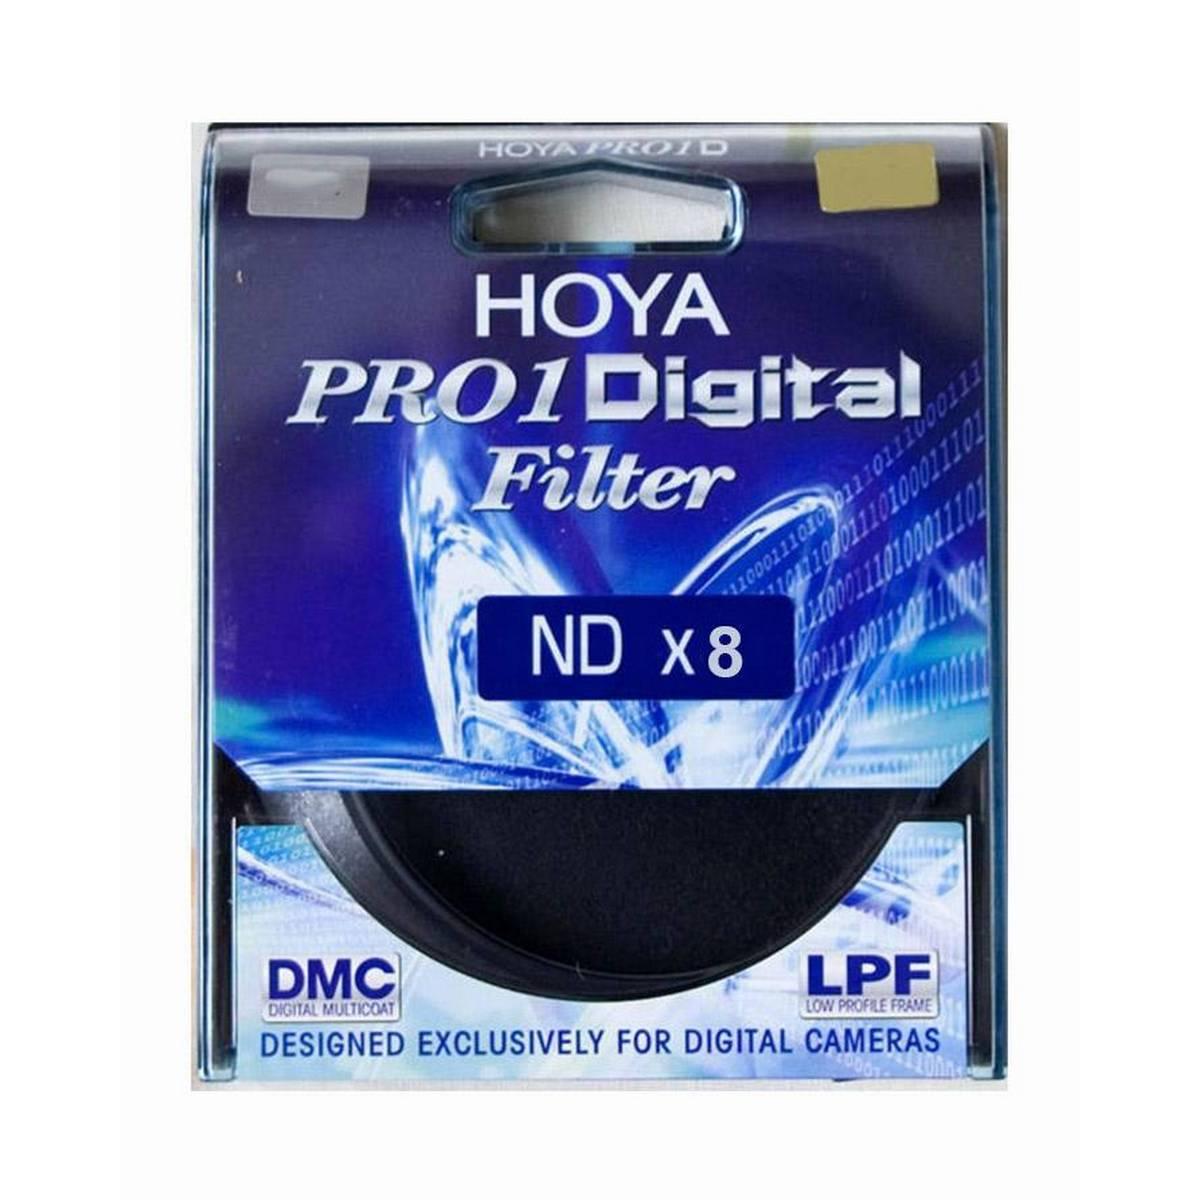 Lens Filter Hoya ND 8 Pro1 Digital Multi-coated Filter